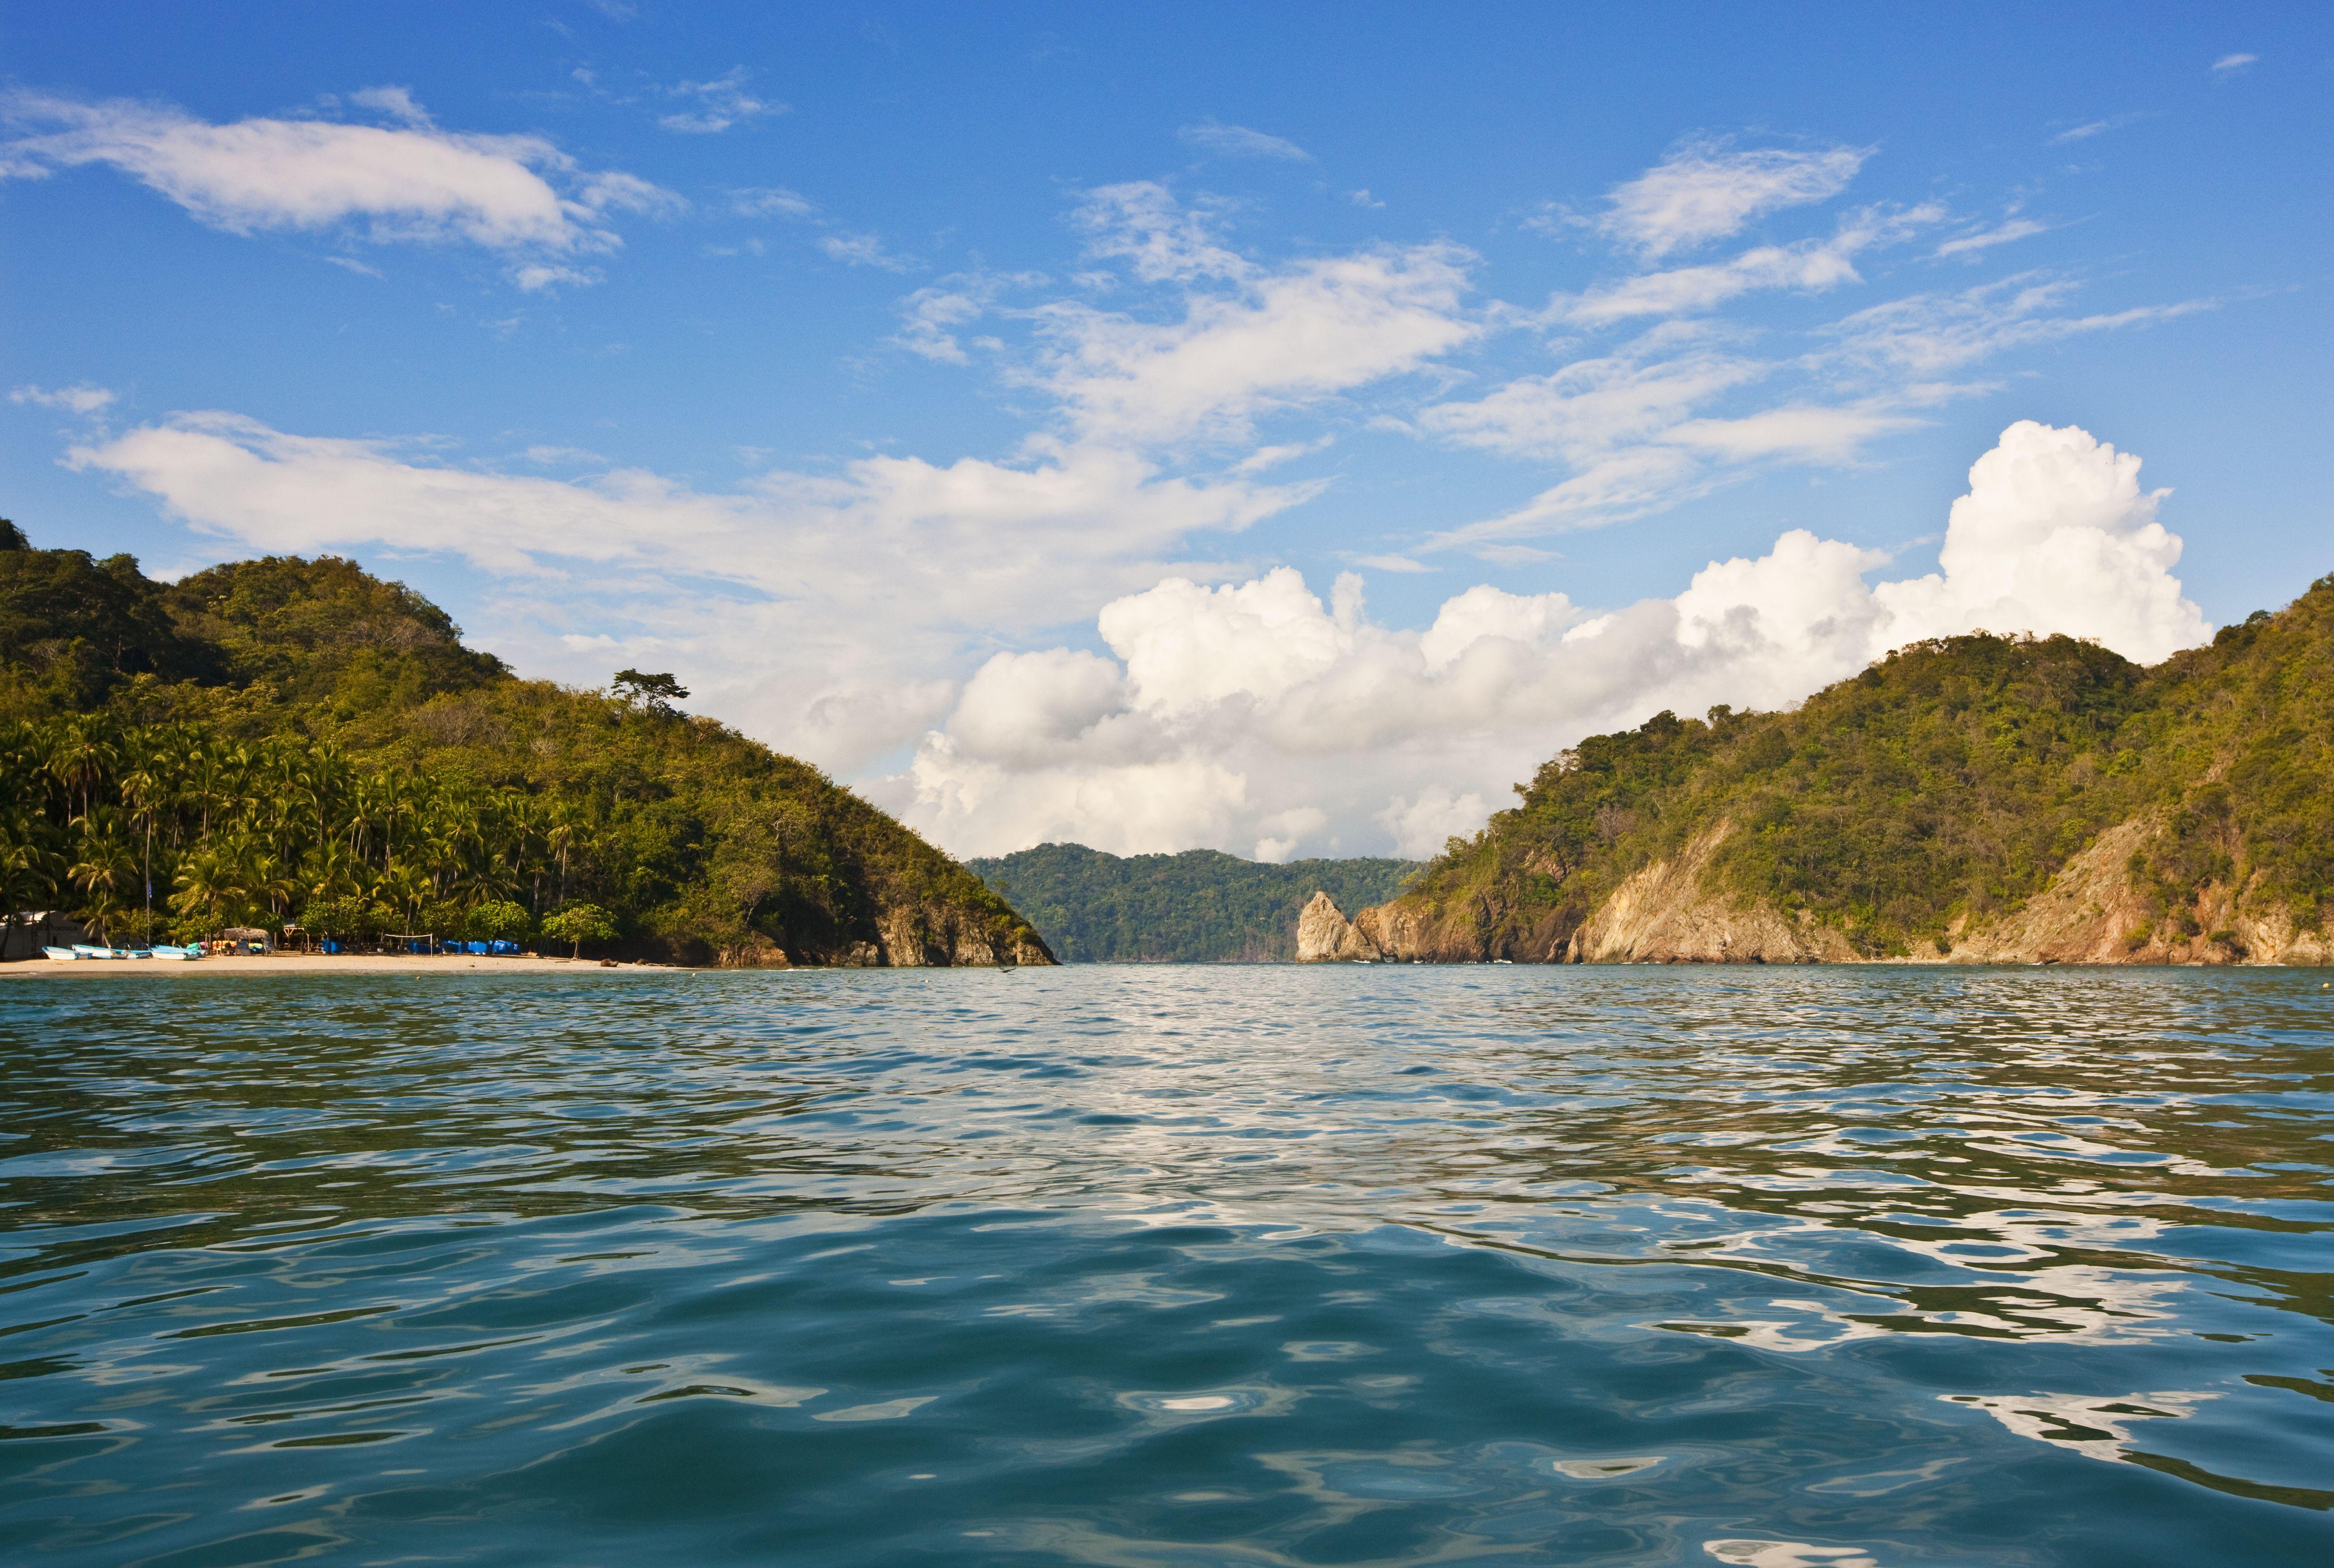 Península de Nicoya - Tambor. Viaje en barco a la isla Tortuga.